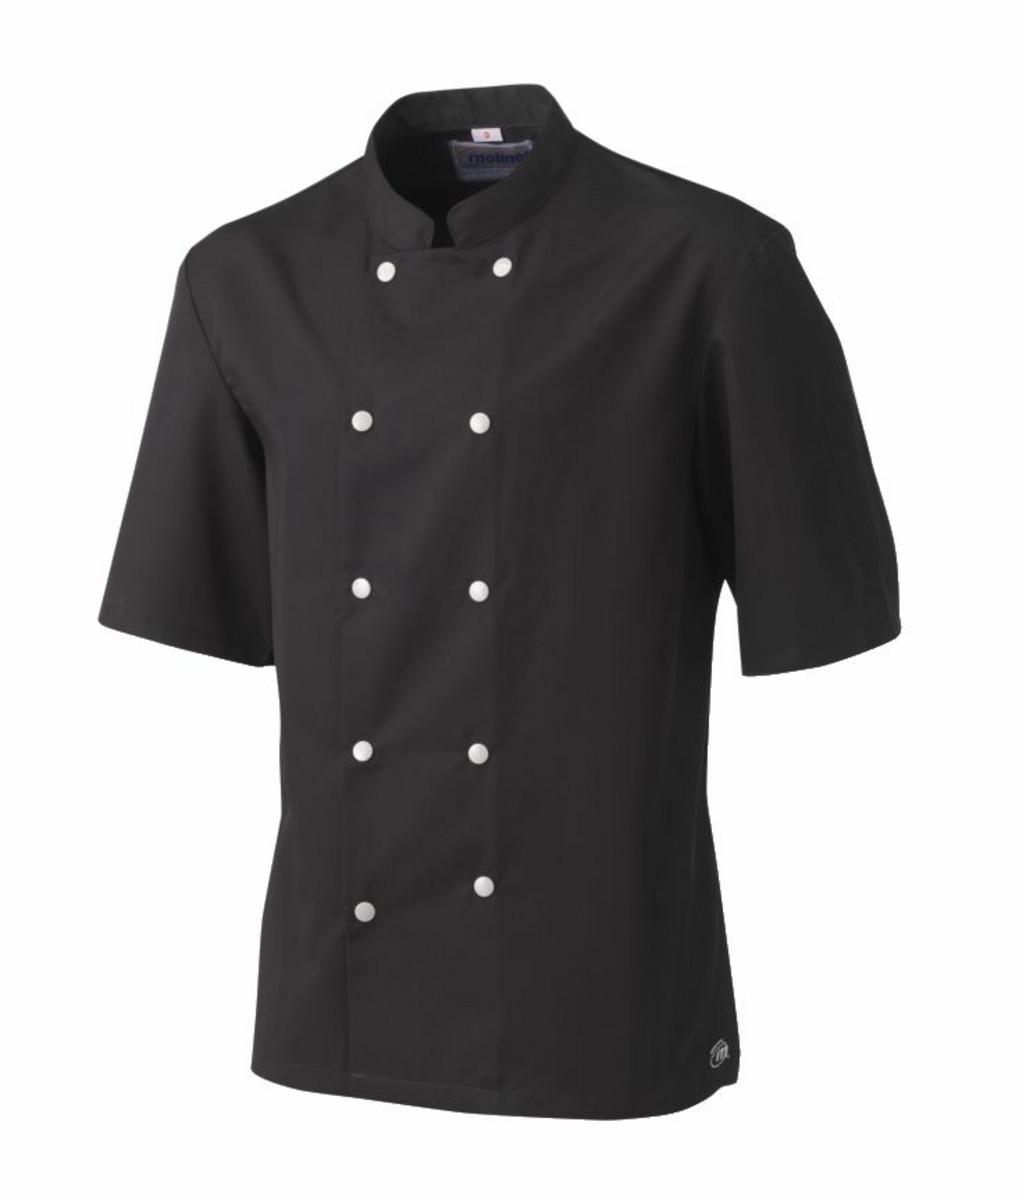 Veste de cuisine homme manche courte noir taille 2 Blake Molinel